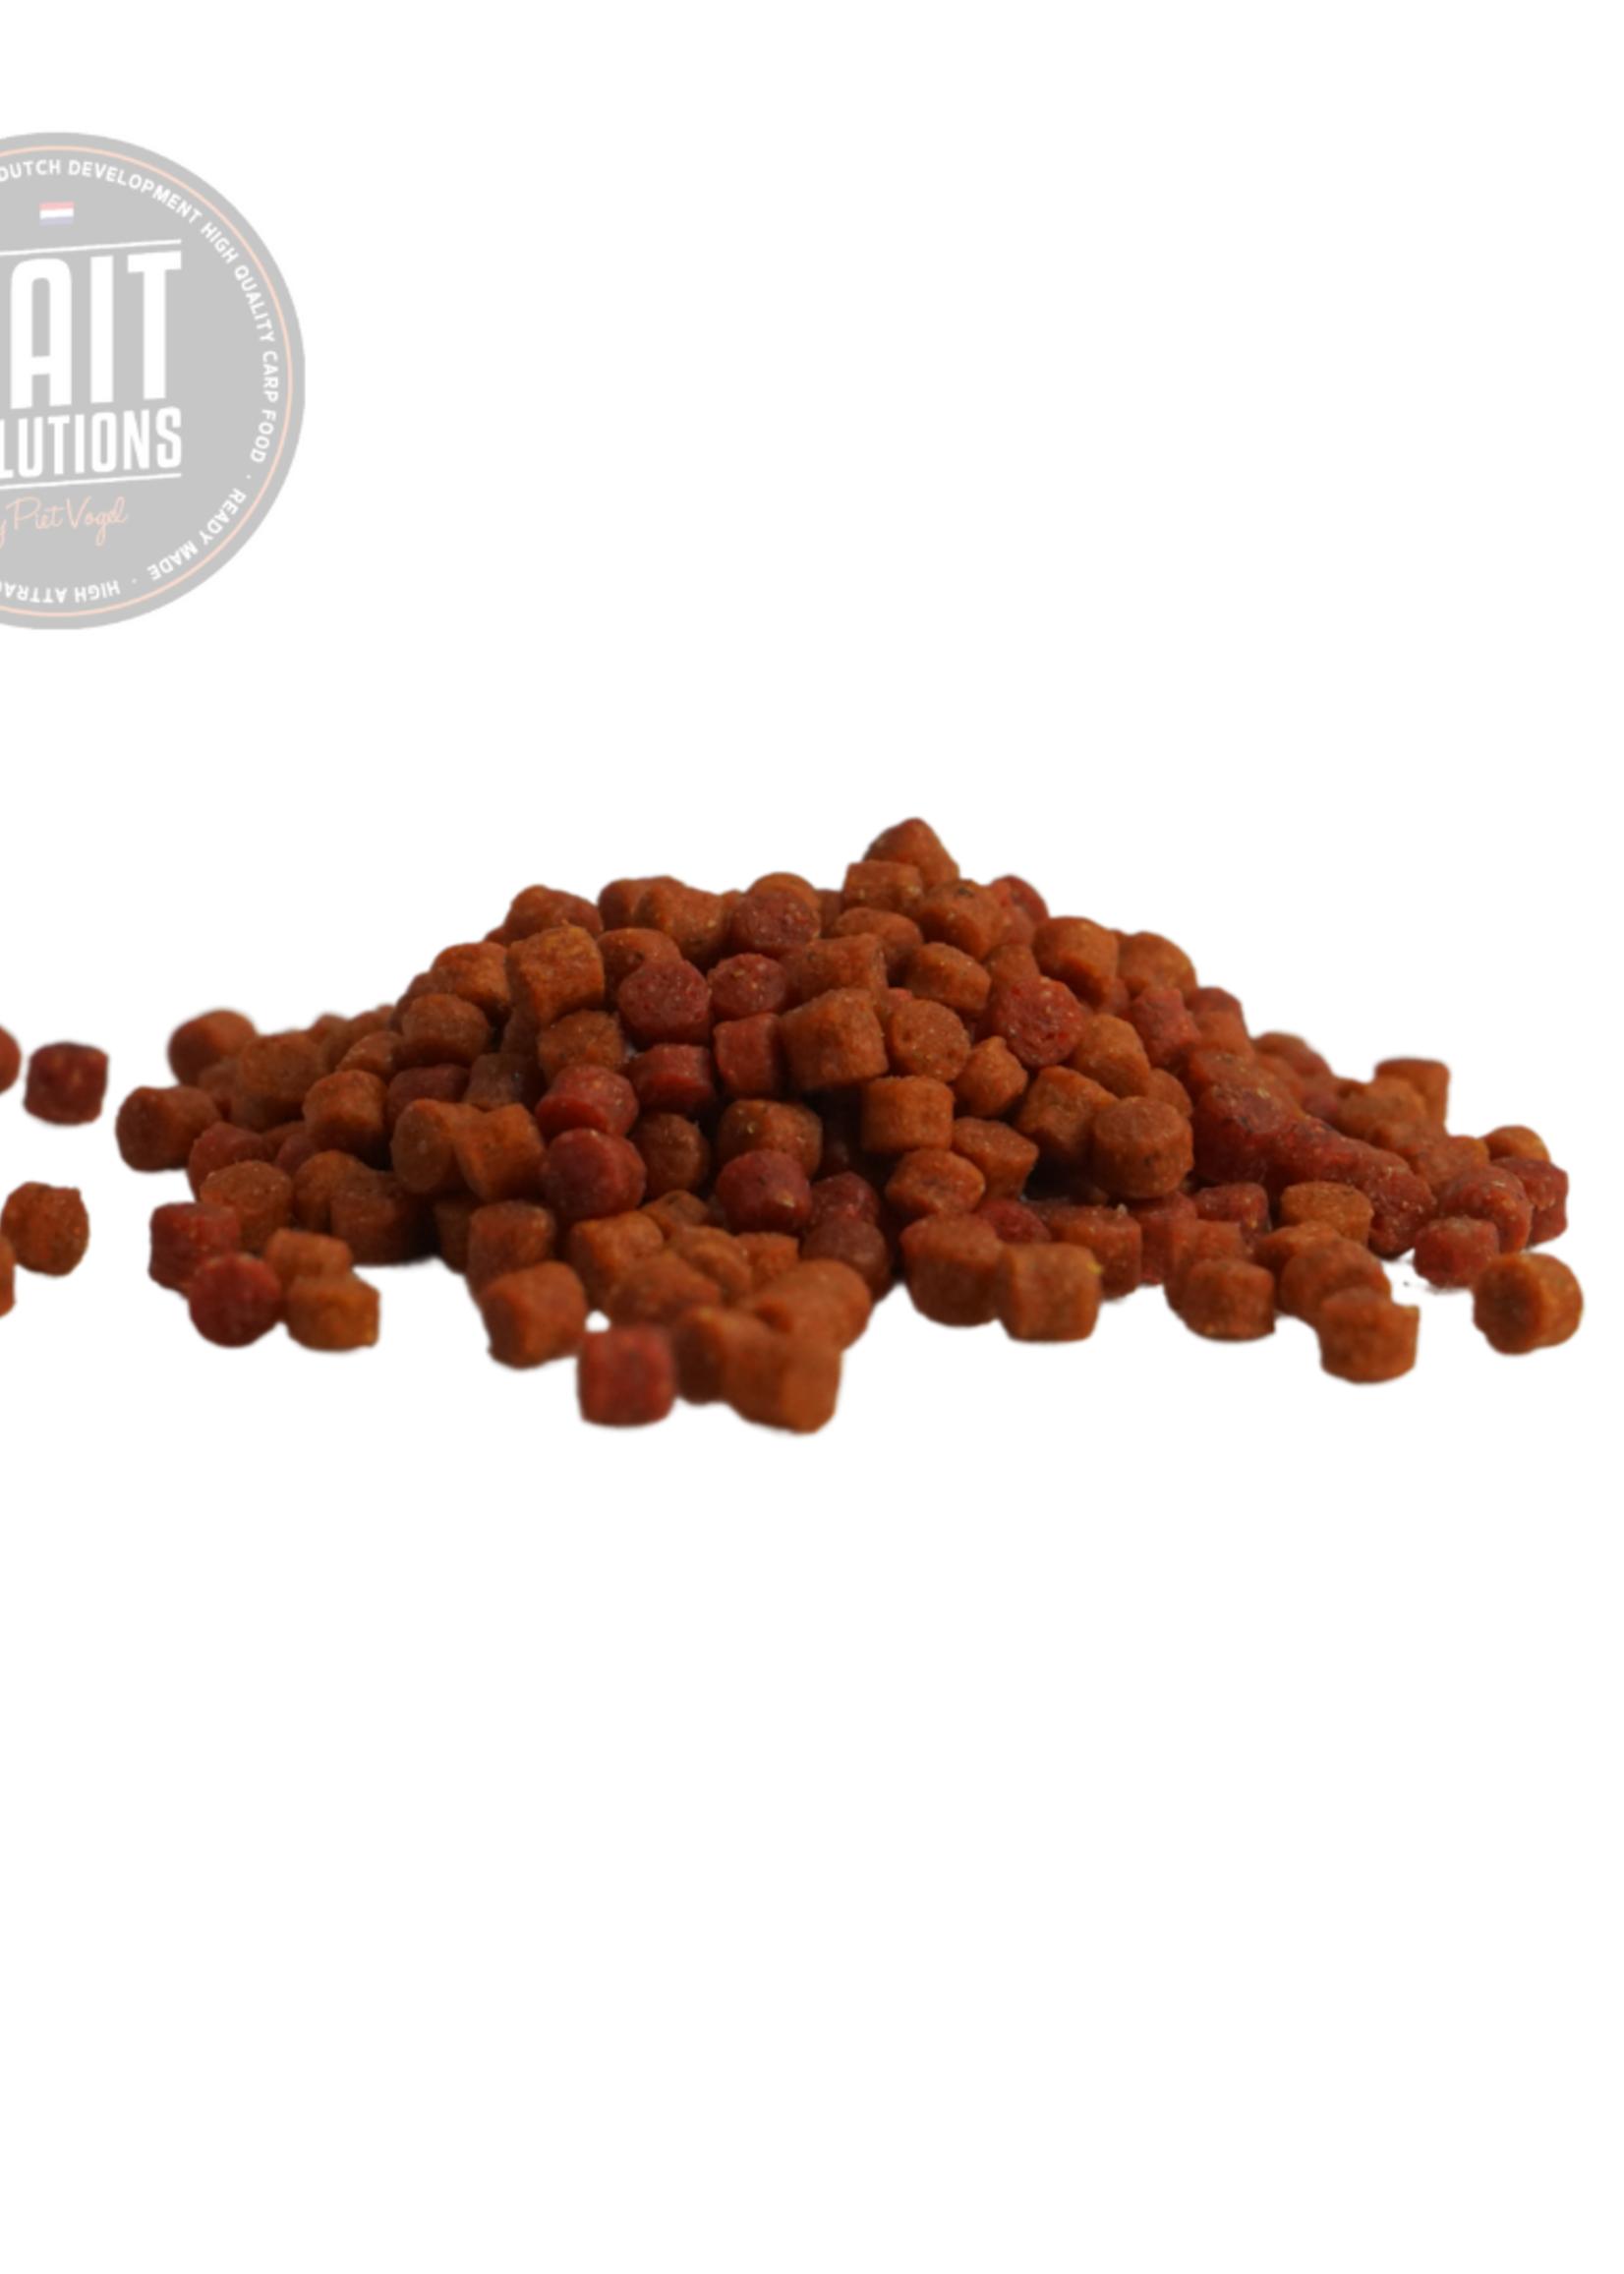 Baitsolutions Obsessive Krill Pellets 2,5 kg